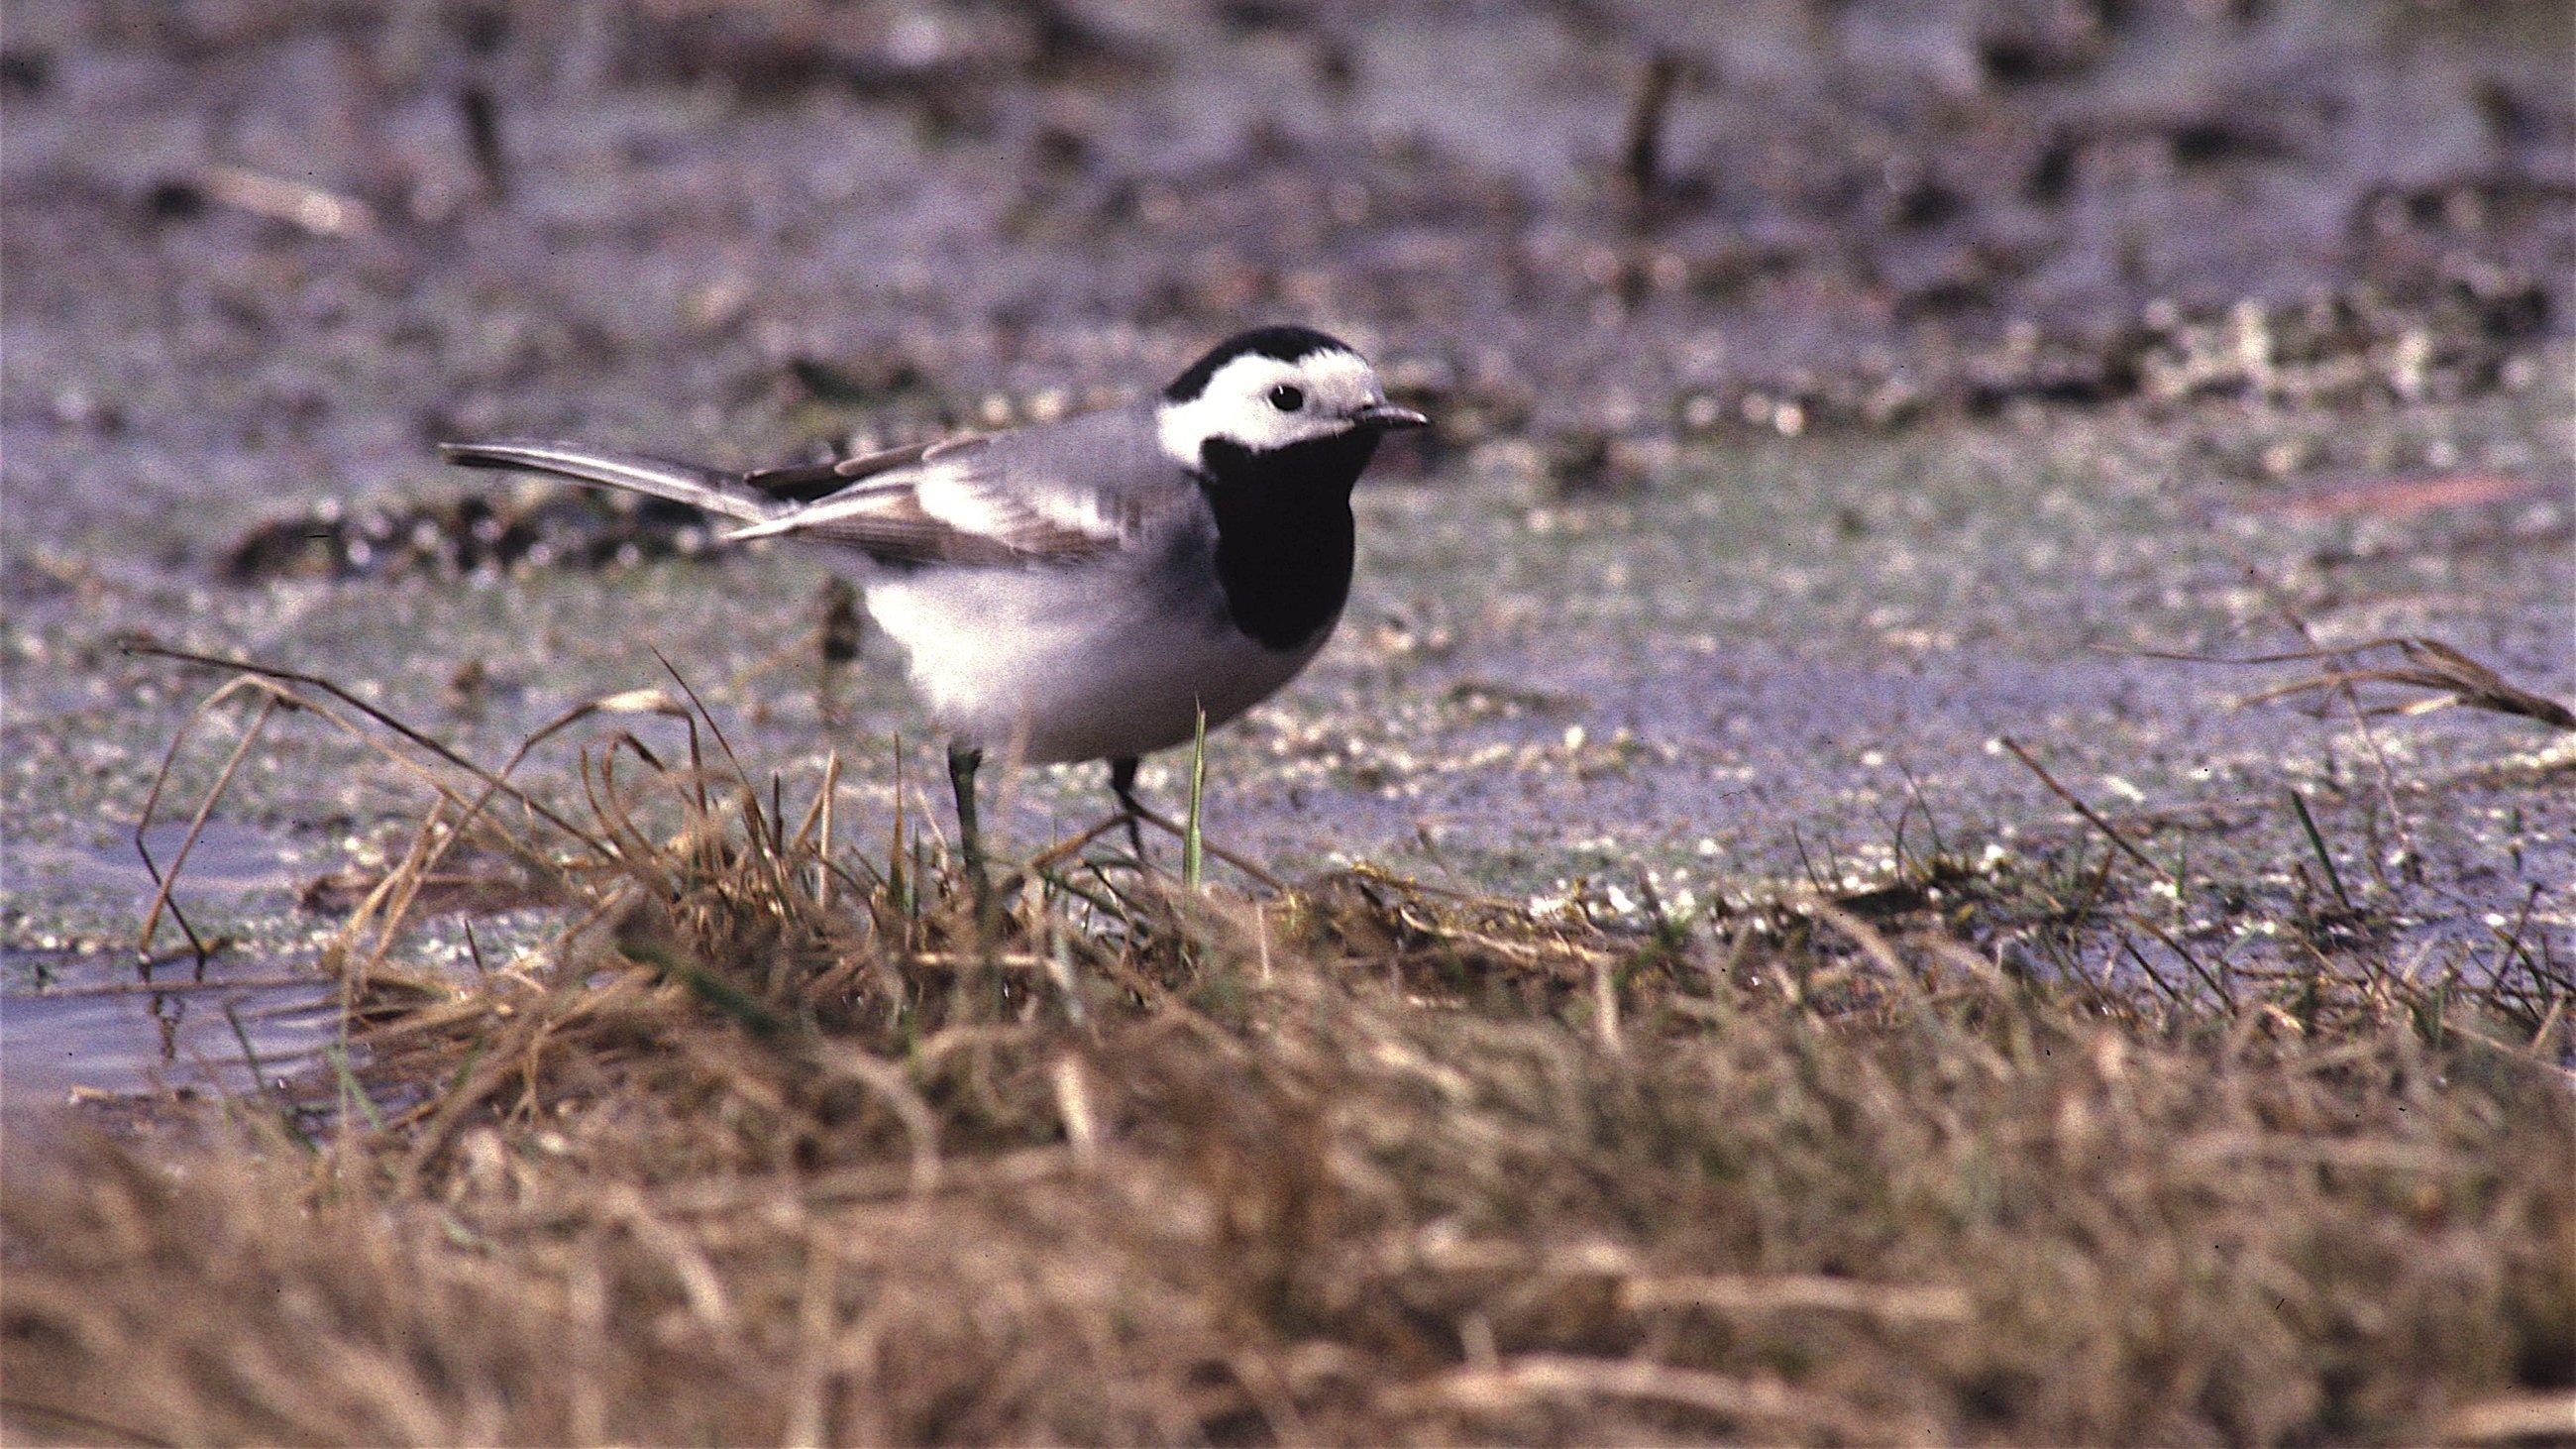 Eine Bachstelze – ein Singvogel mit schwarz-weißem Gefieder – steht neben einem Fluss im Gras.